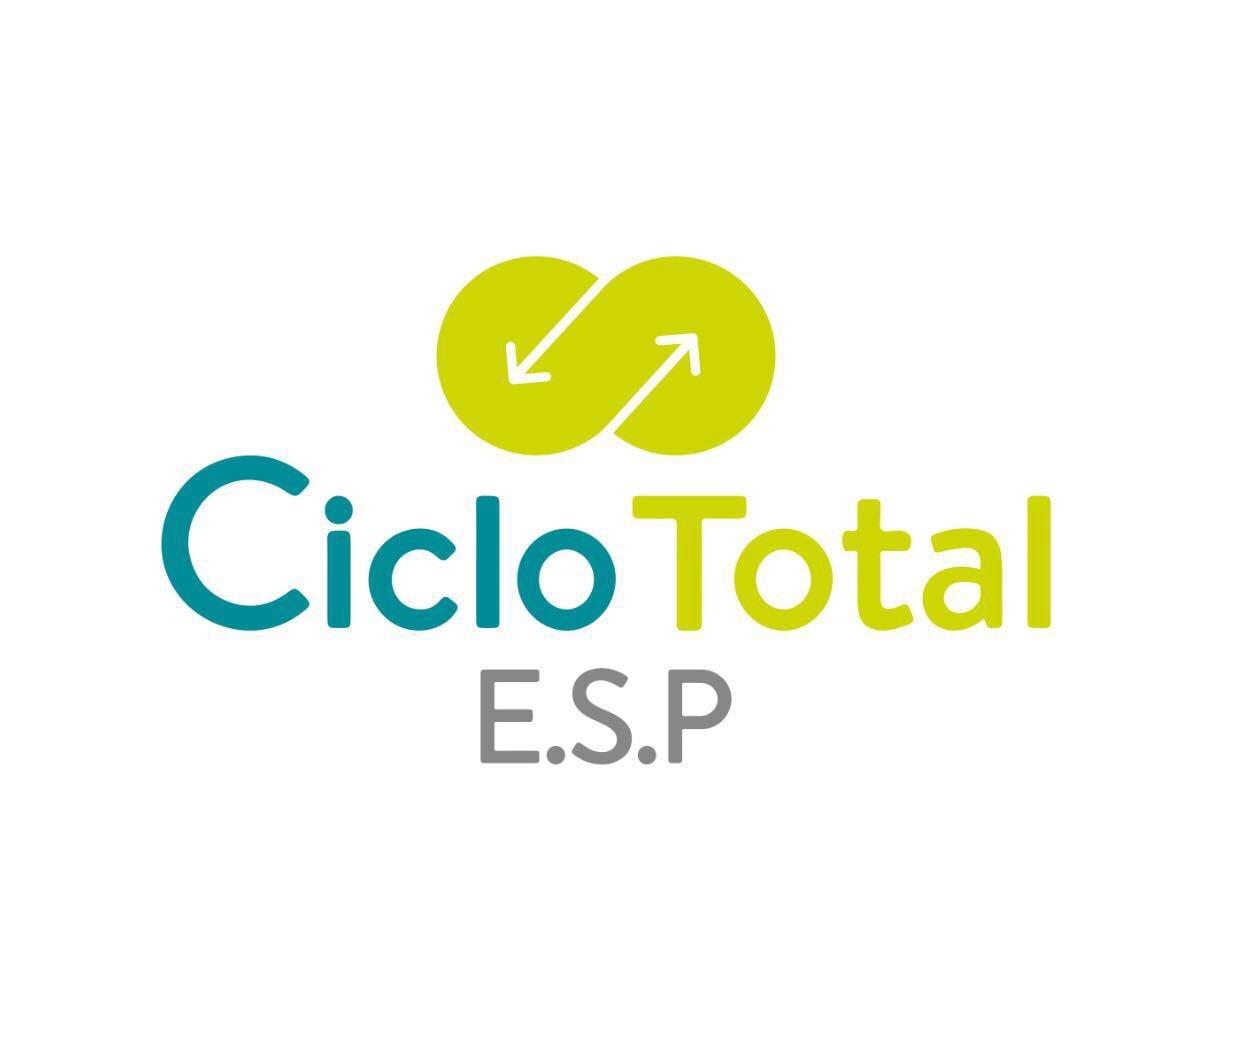 CICLO TOTAL ESP